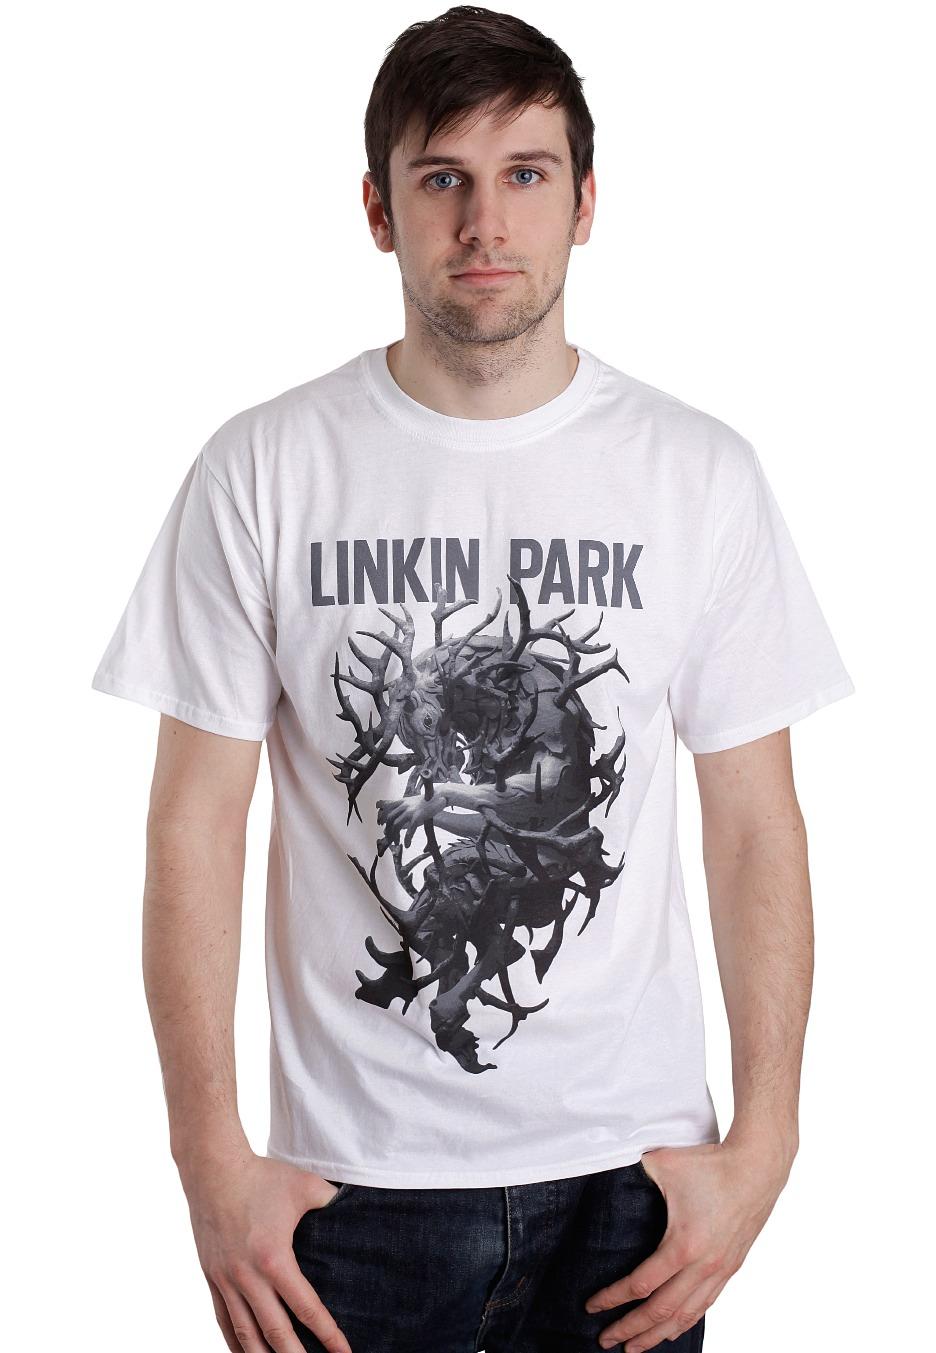 23bb6f07 Linkin Park - Antlers White - T-Shirt - Official Rock Merchandise Shop -  Impericon.com AU